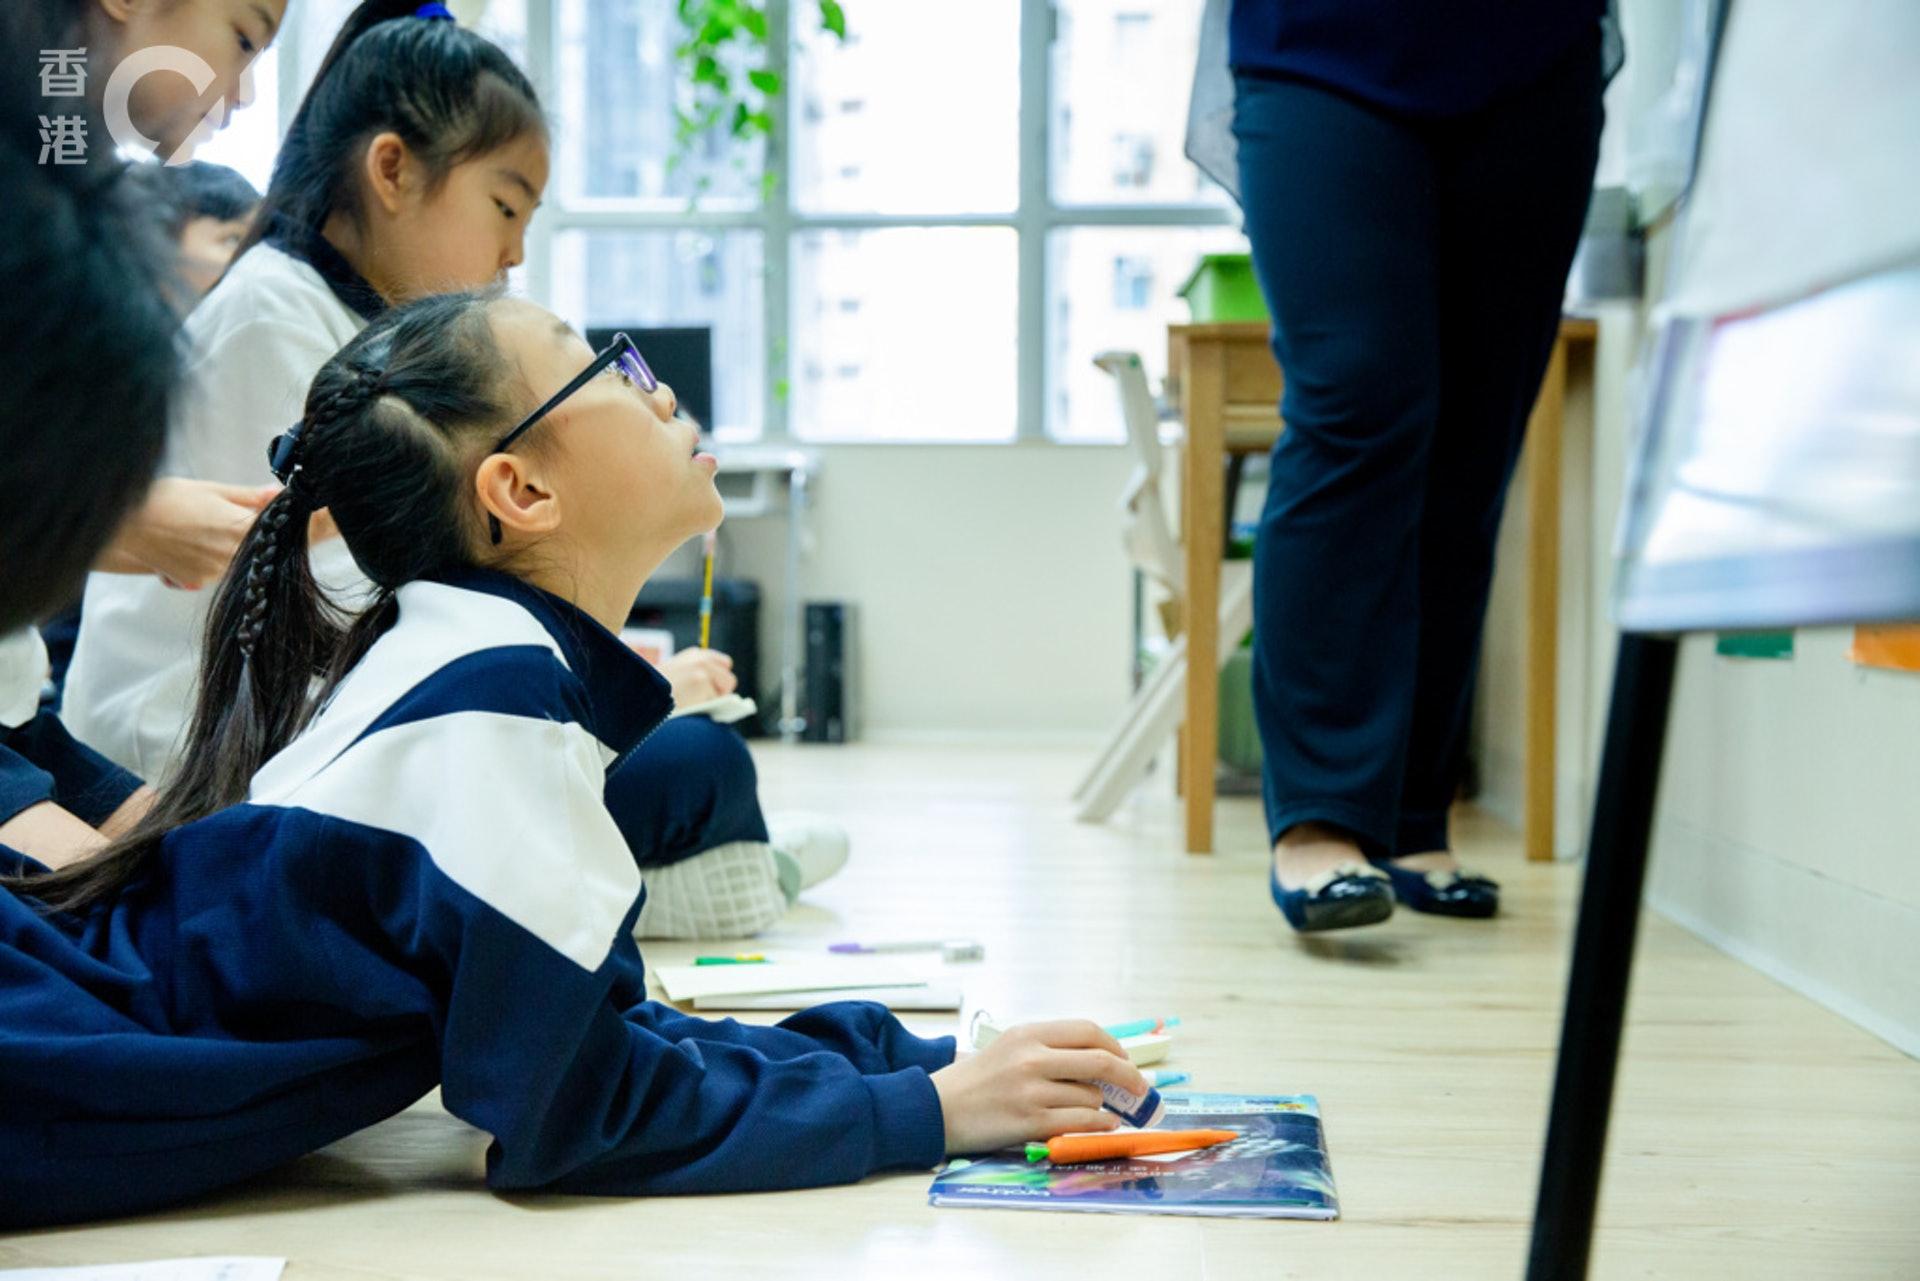 救恩學校的上課方式比較靈活,以往不局限小朋友在座位上上課。(資料圖片)